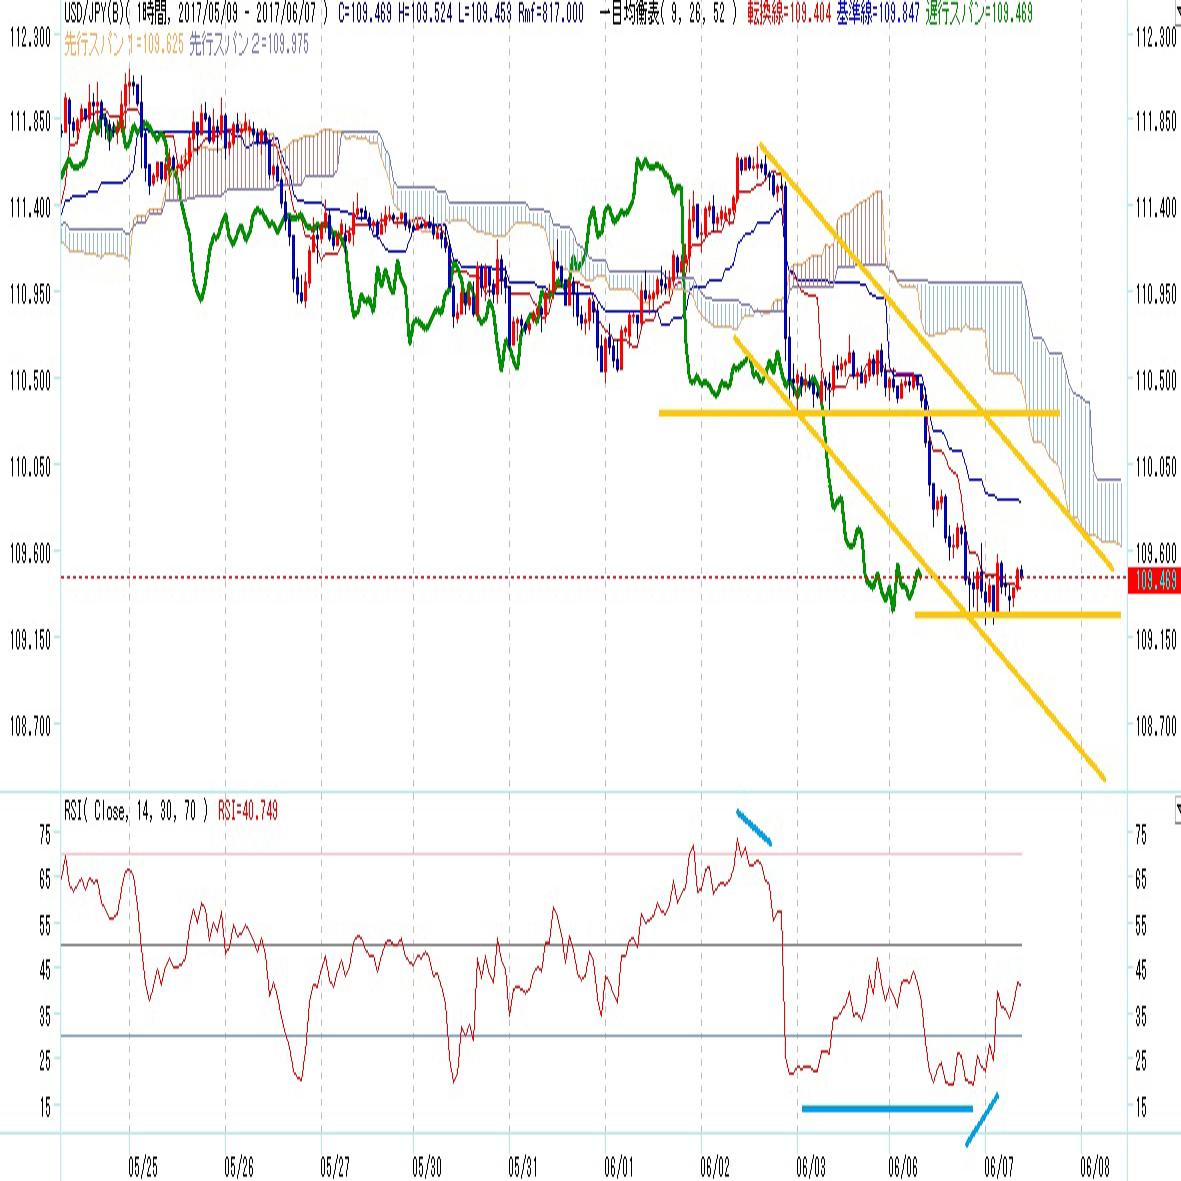 ドル円見通し5月安値割れで小勢2段下げの動き(6/7)